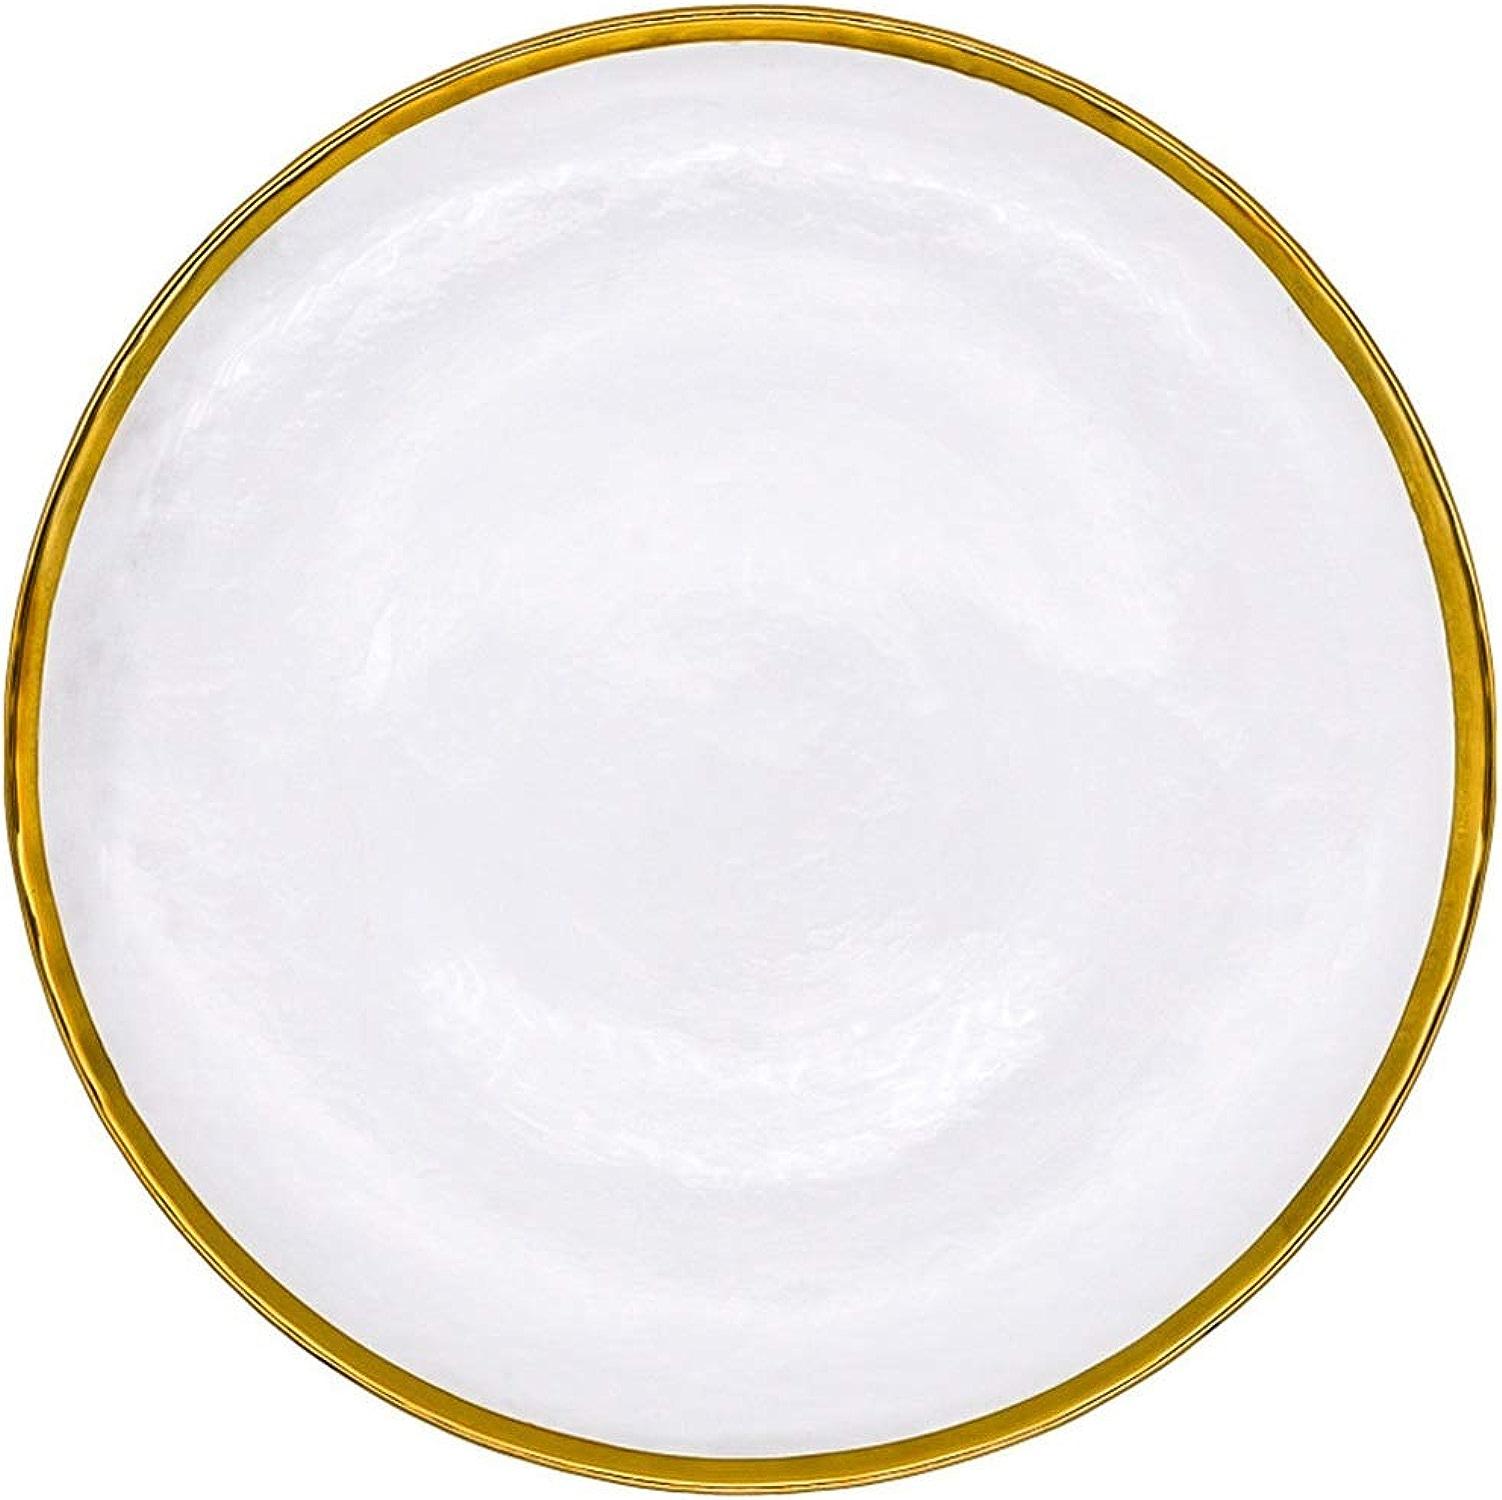 LKK Salad Bowls Bols en Porcelaine Bol en Céramique Manuel Verre Vaisselle Transparent Ménage Costume Adulte Incrusté d'or Creative 2packs (Couleur   Transparent, Taille   31)